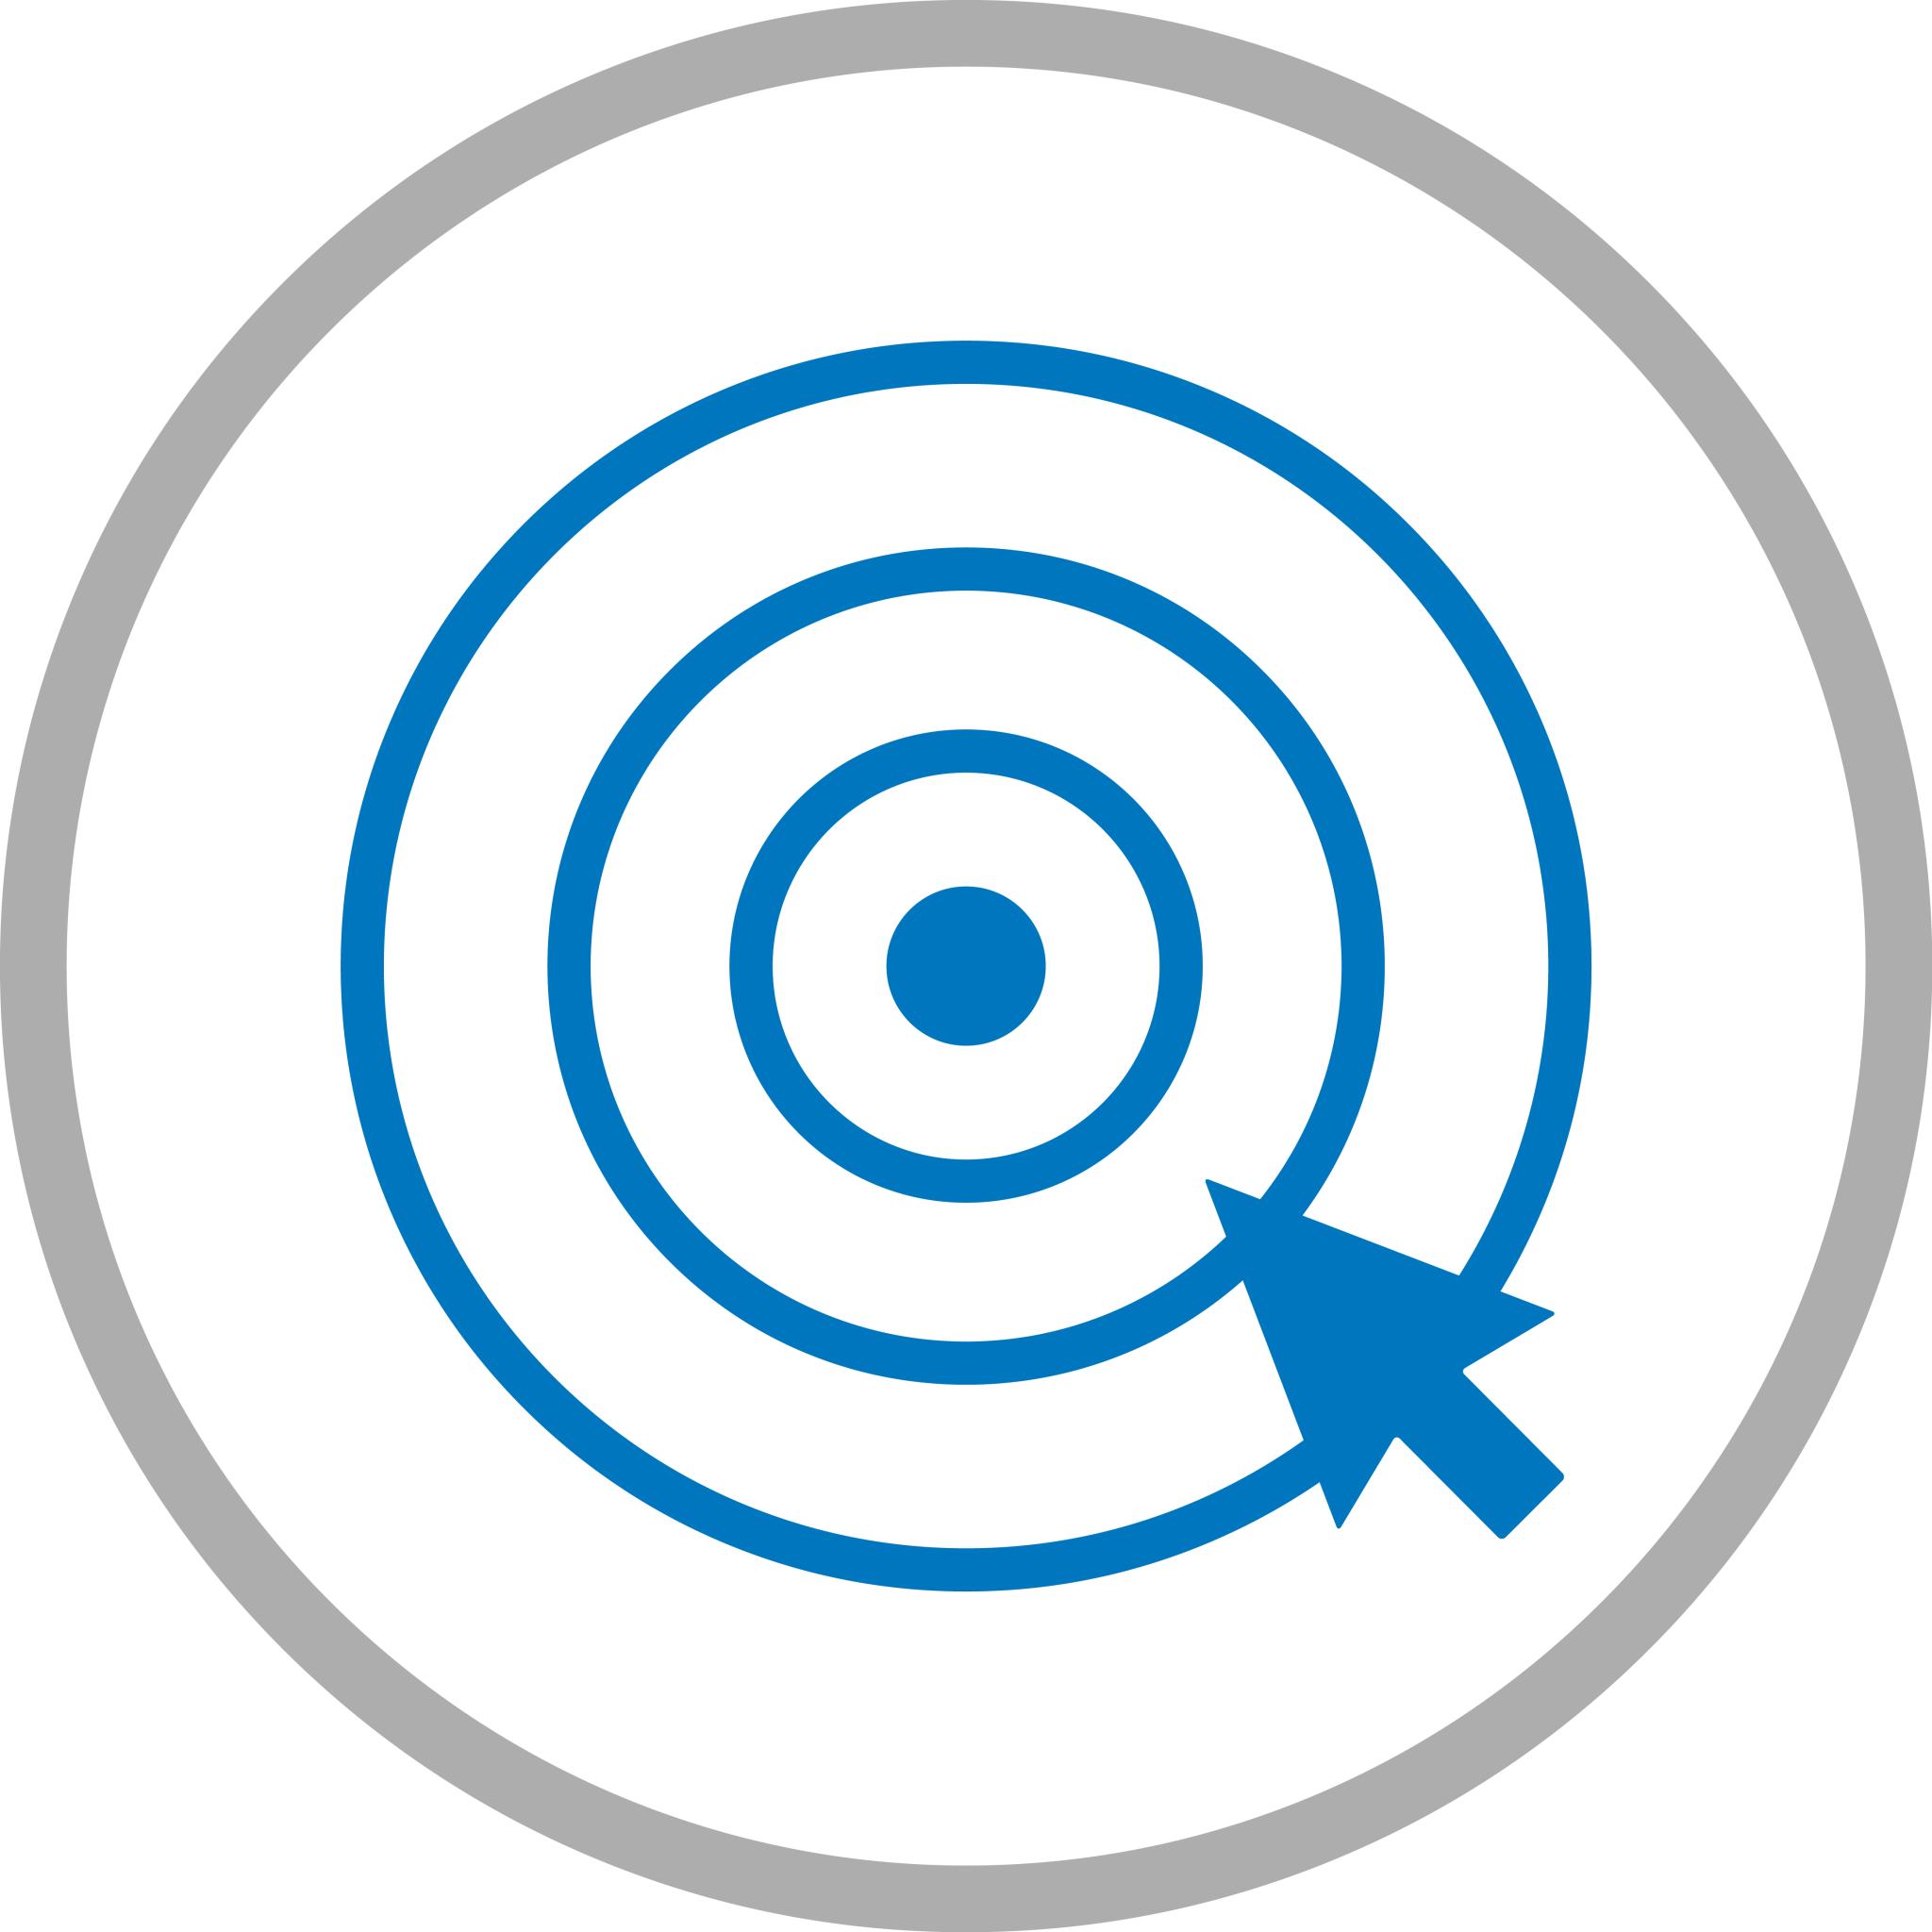 EMI target icon